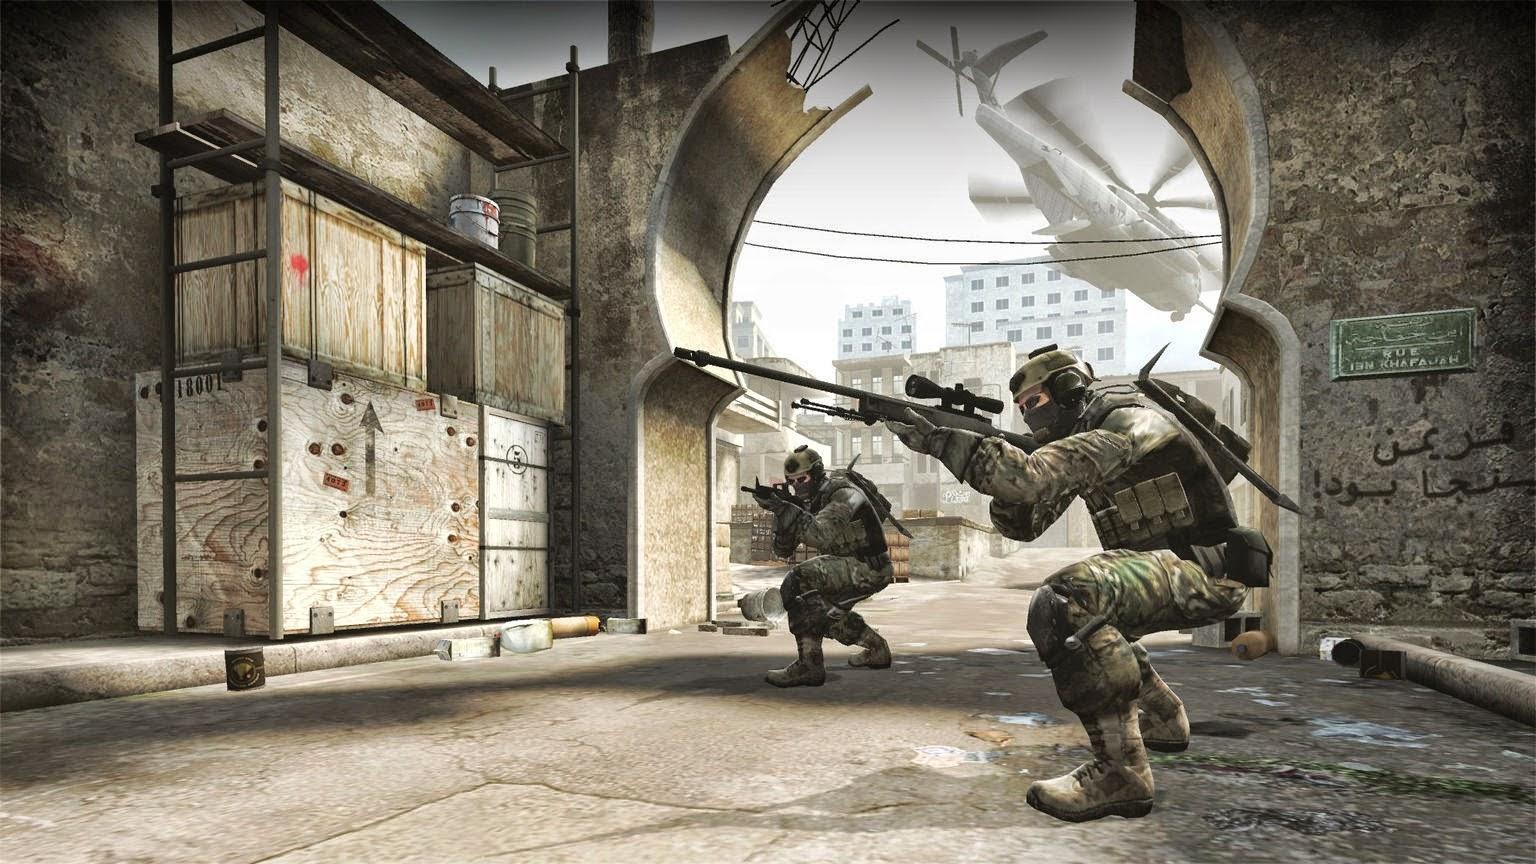 تحميل لعبة الأكشن و الإثارة Counter-Strike Global Offensive Ss_f5875f8de419a3d5133ae7245b8296db2c027dd8.1920x1080